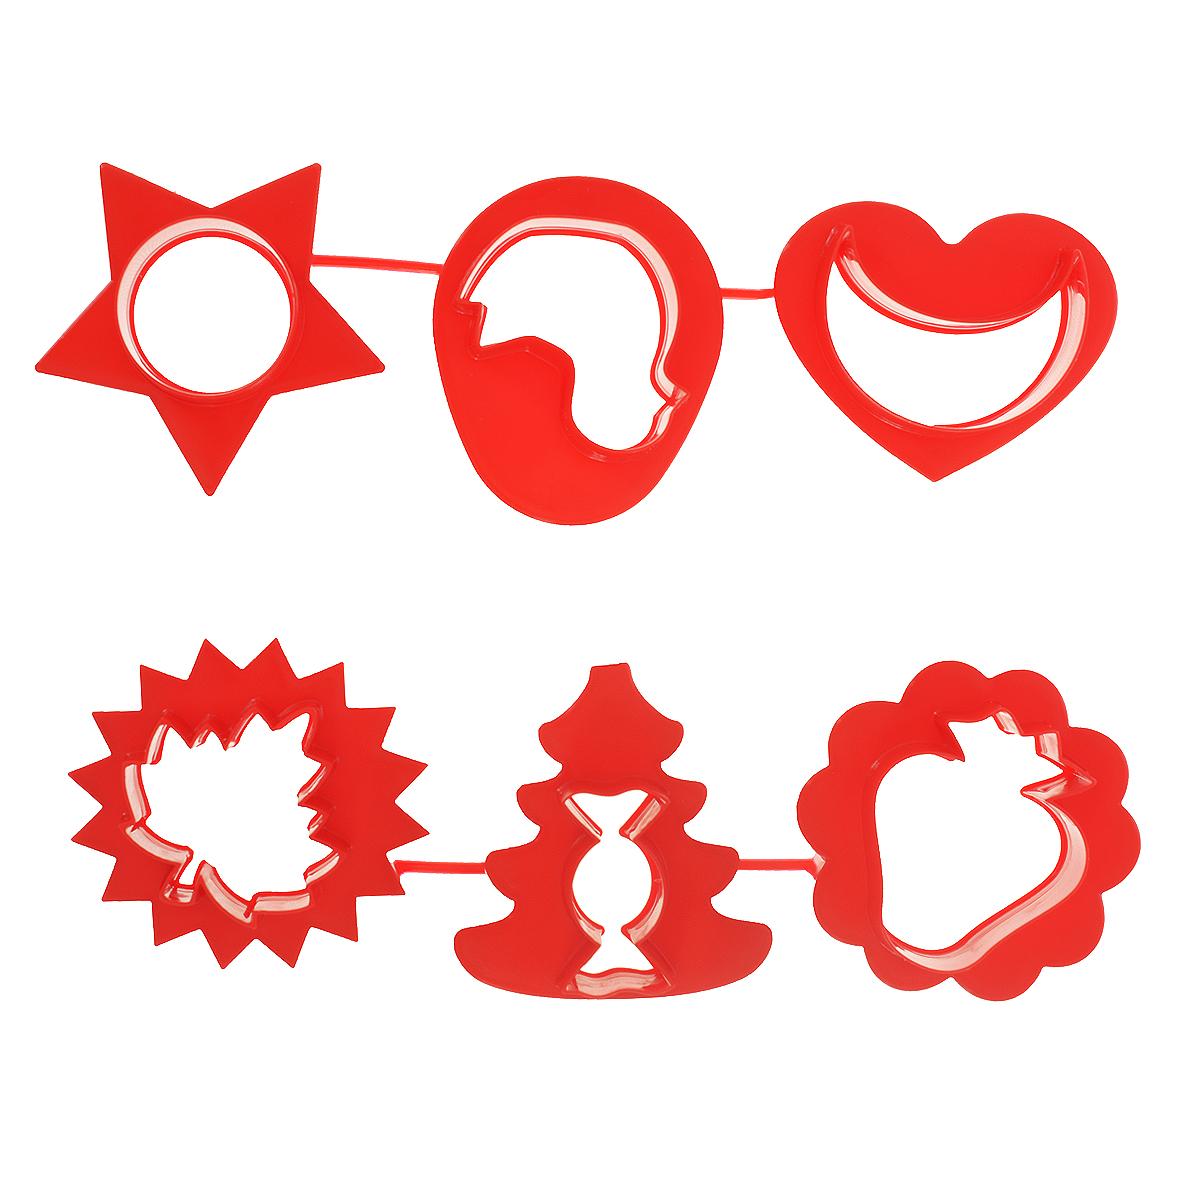 Формочки для лепки и моделирования Луч, цвет: красный, 6 шт22С 1420-08 красныйФормочки для лепки и моделирования Луч предназначены для моделирования и лепки из пластилина, мягкого воска, глины. При производстве формочек использованы полимеры, для которых разрешен контакт с пищевыми продуктами, поэтому их можно использовать так же в кулинарии. С помощью таких формочек вы легко создадите объемные фигуры.